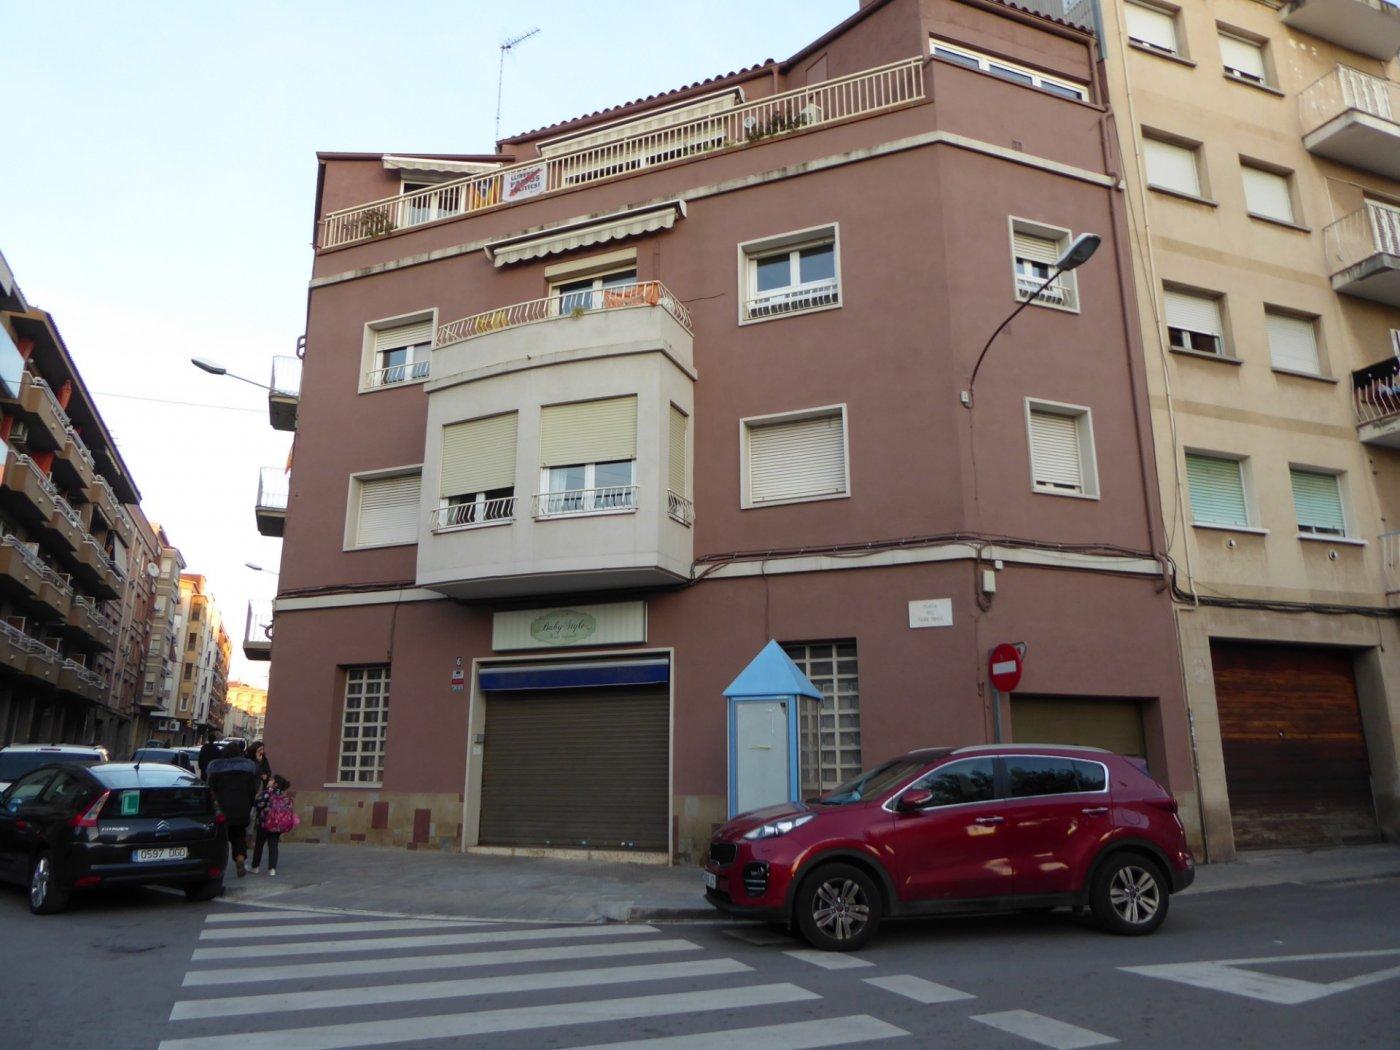 Premises for rent in Carrer Viladordis, Manresa